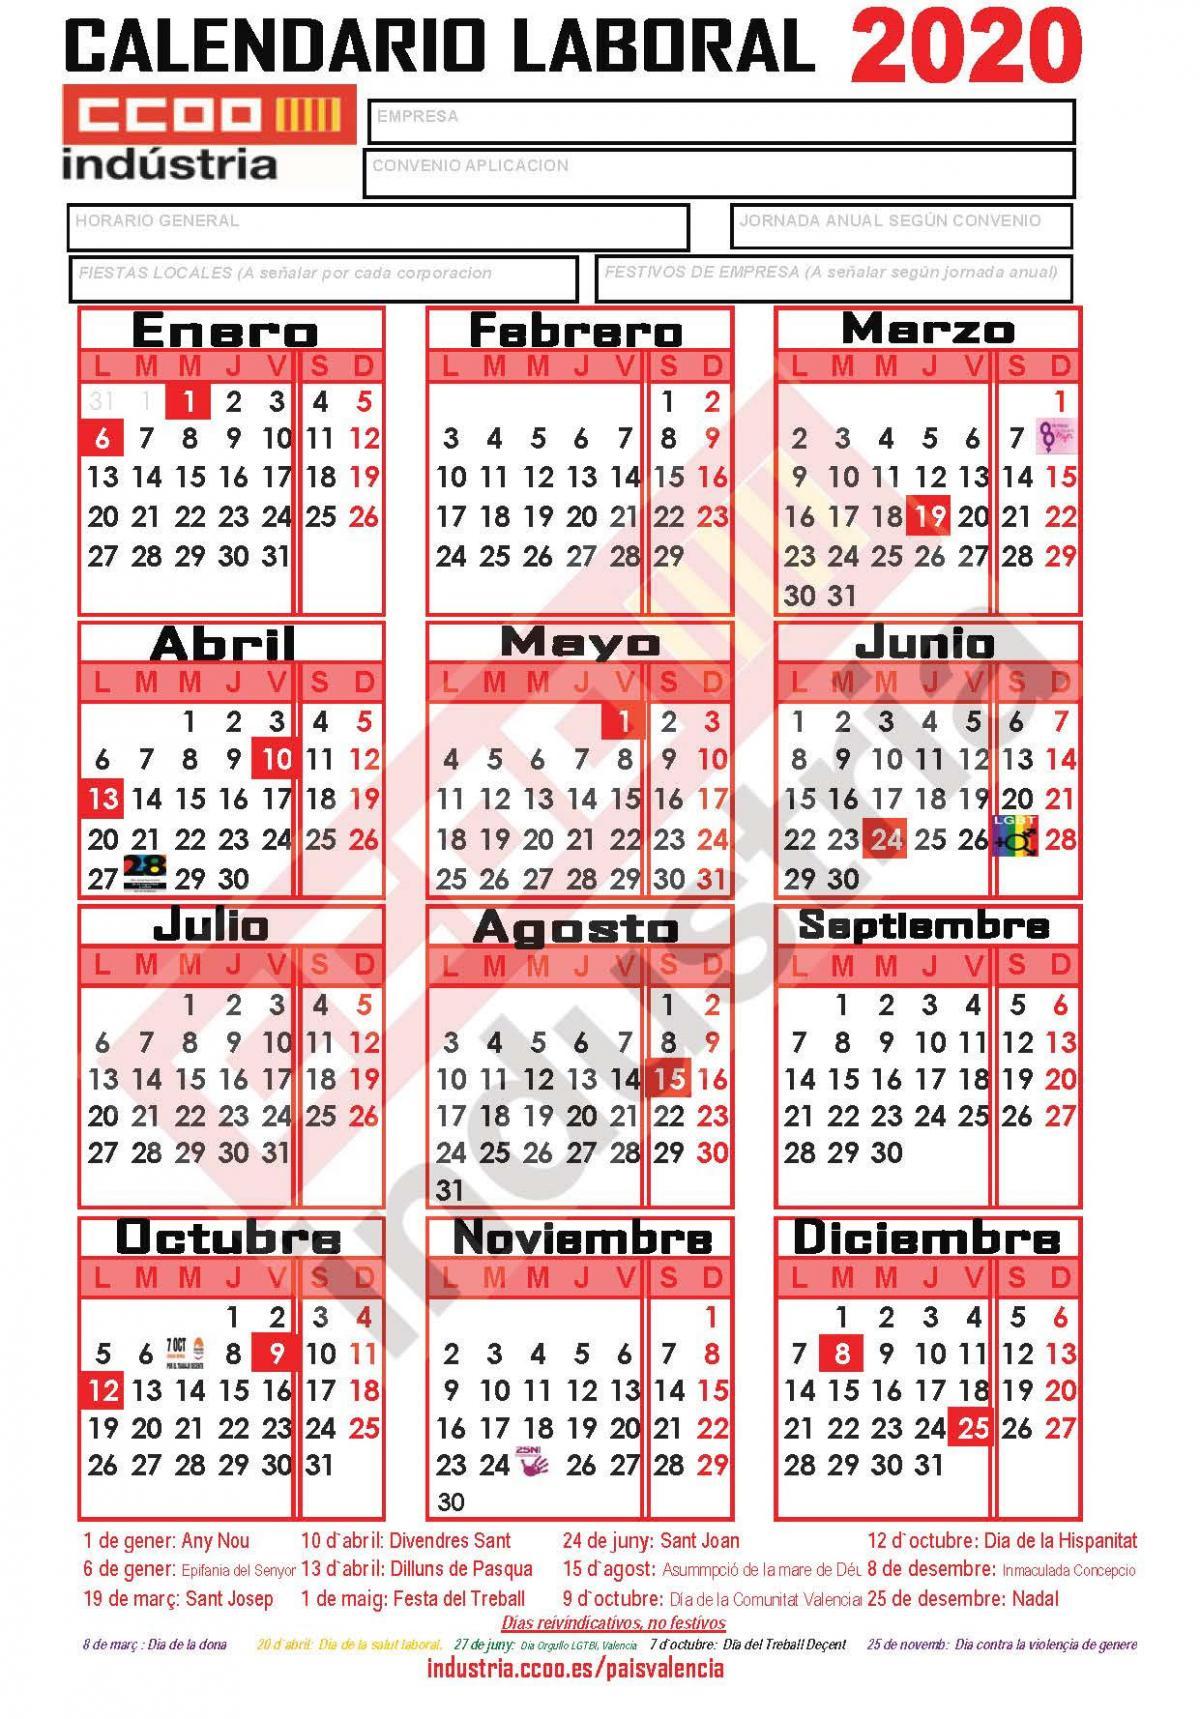 Calendario Laboral 2020 Comunidad Valenciana Dogv.Ccoo De Industria